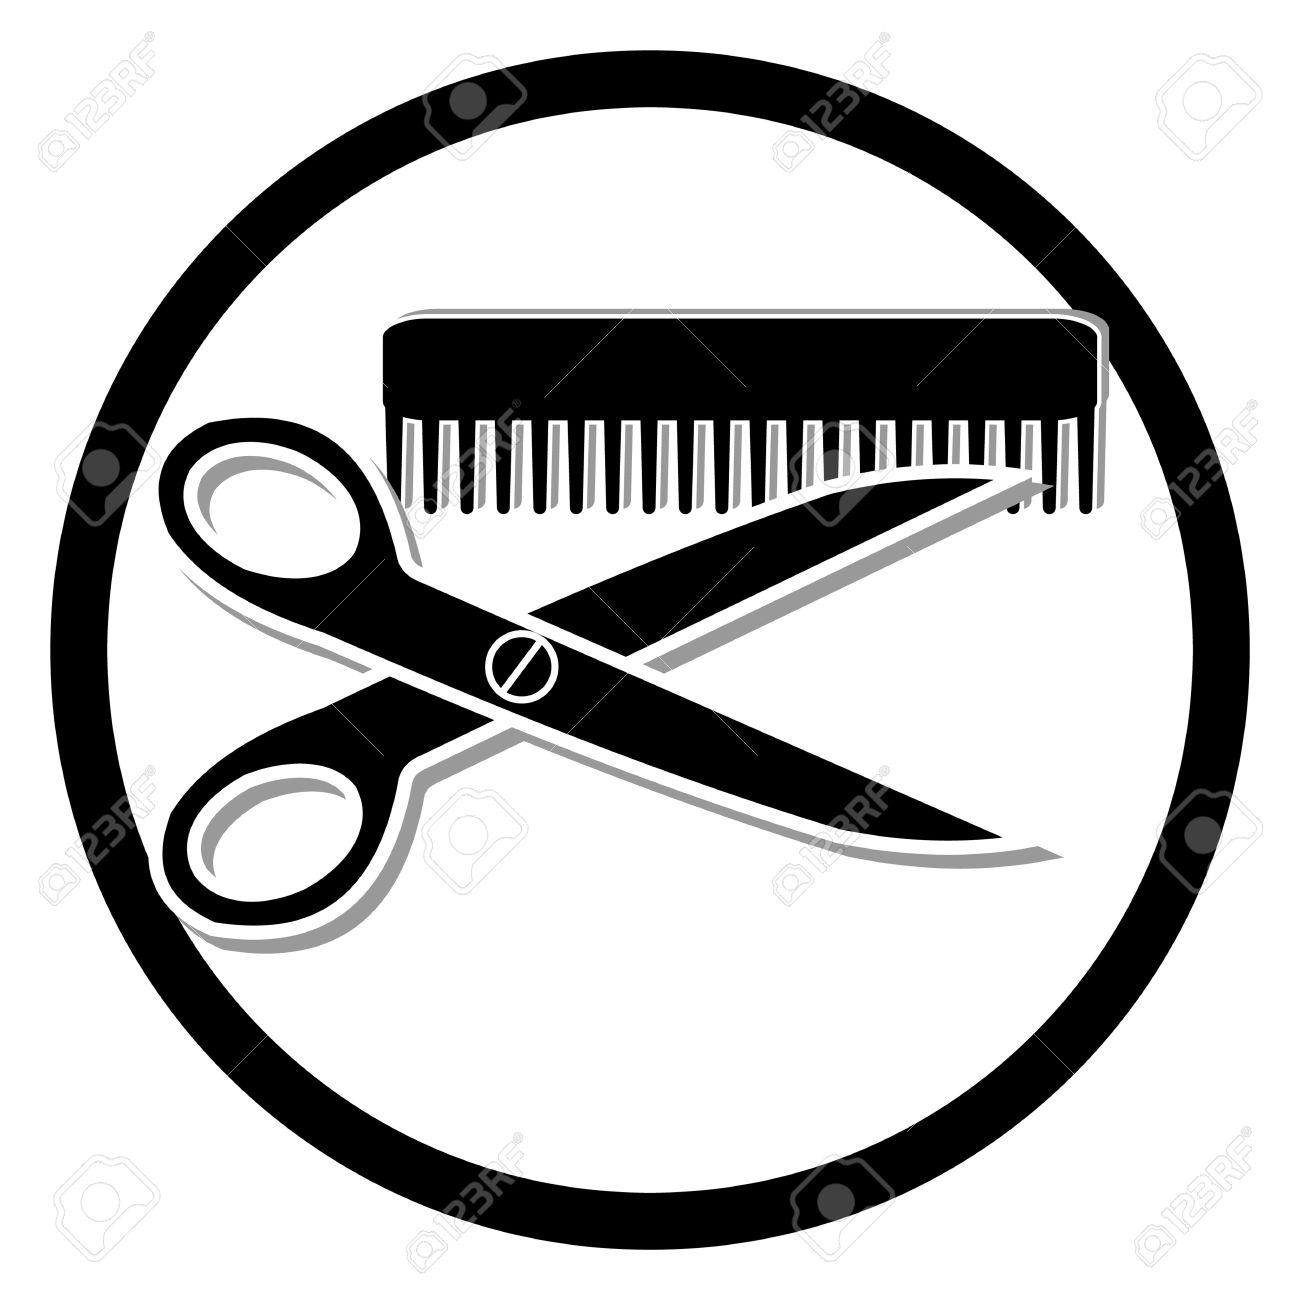 1300x1300 Haircuts Clipart